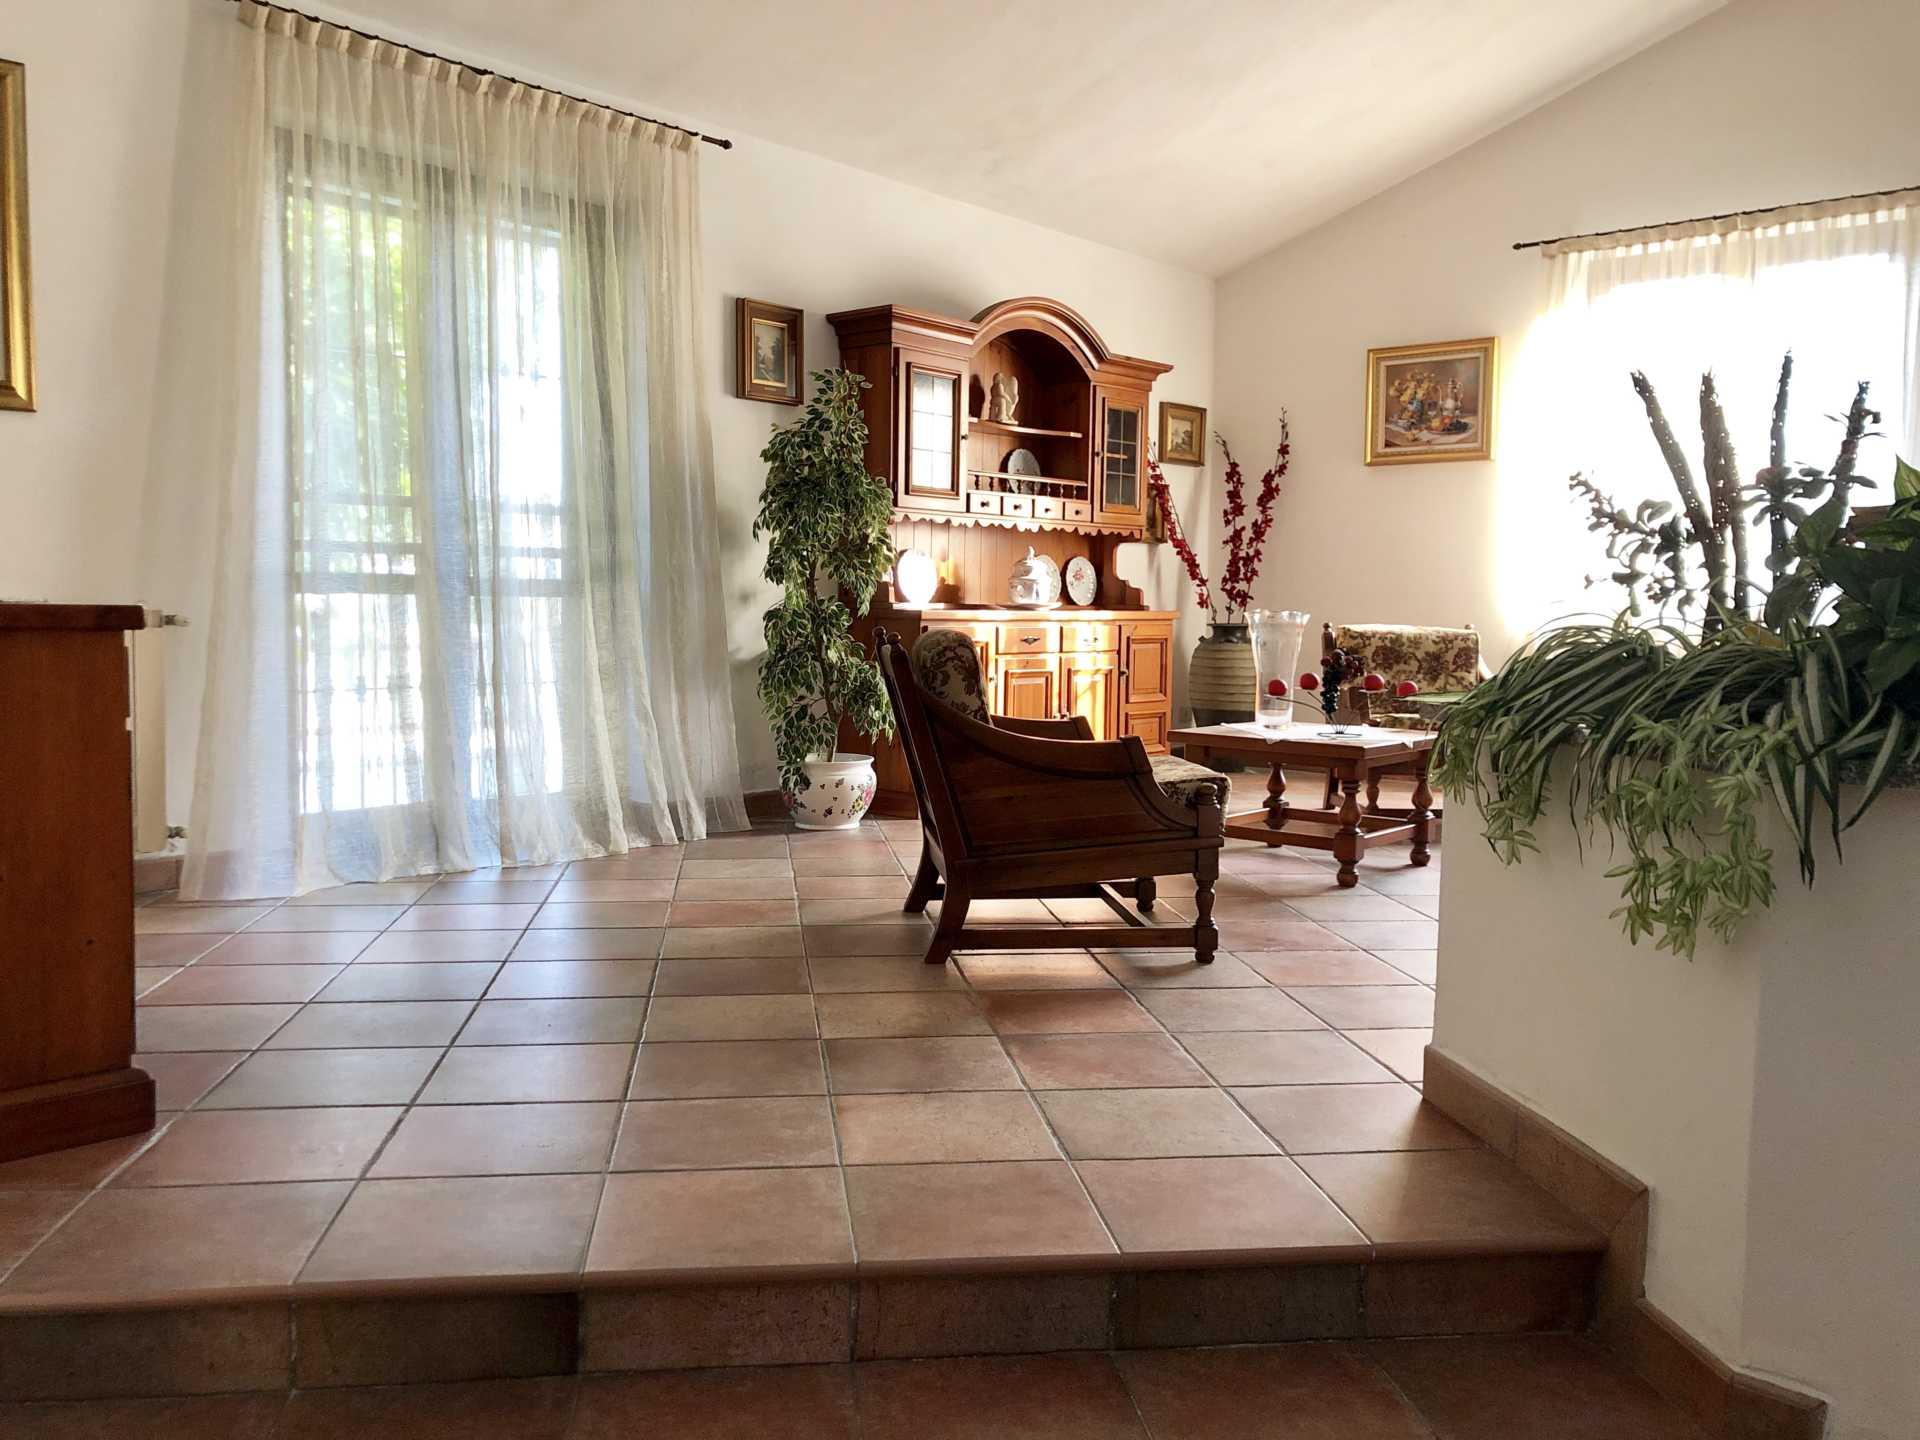 Villa-singola-in-vendita-a-Massalengo (4)